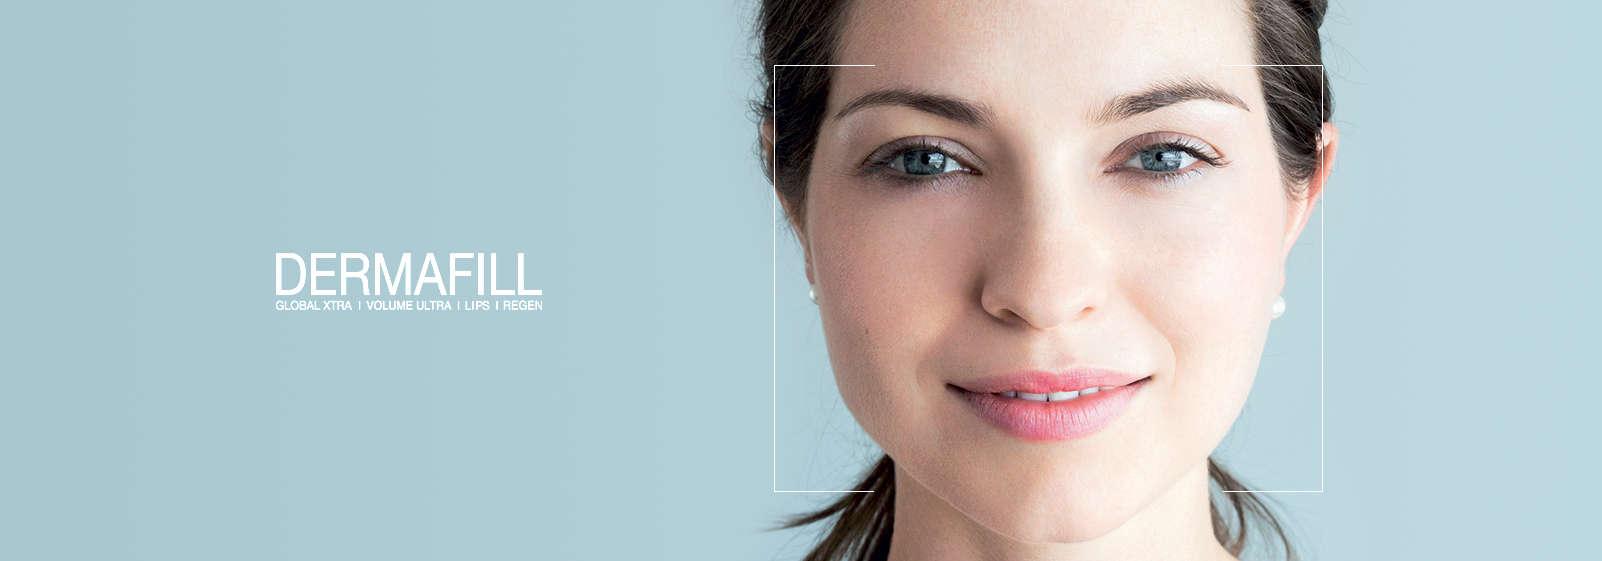 Agence Web Derrmafill